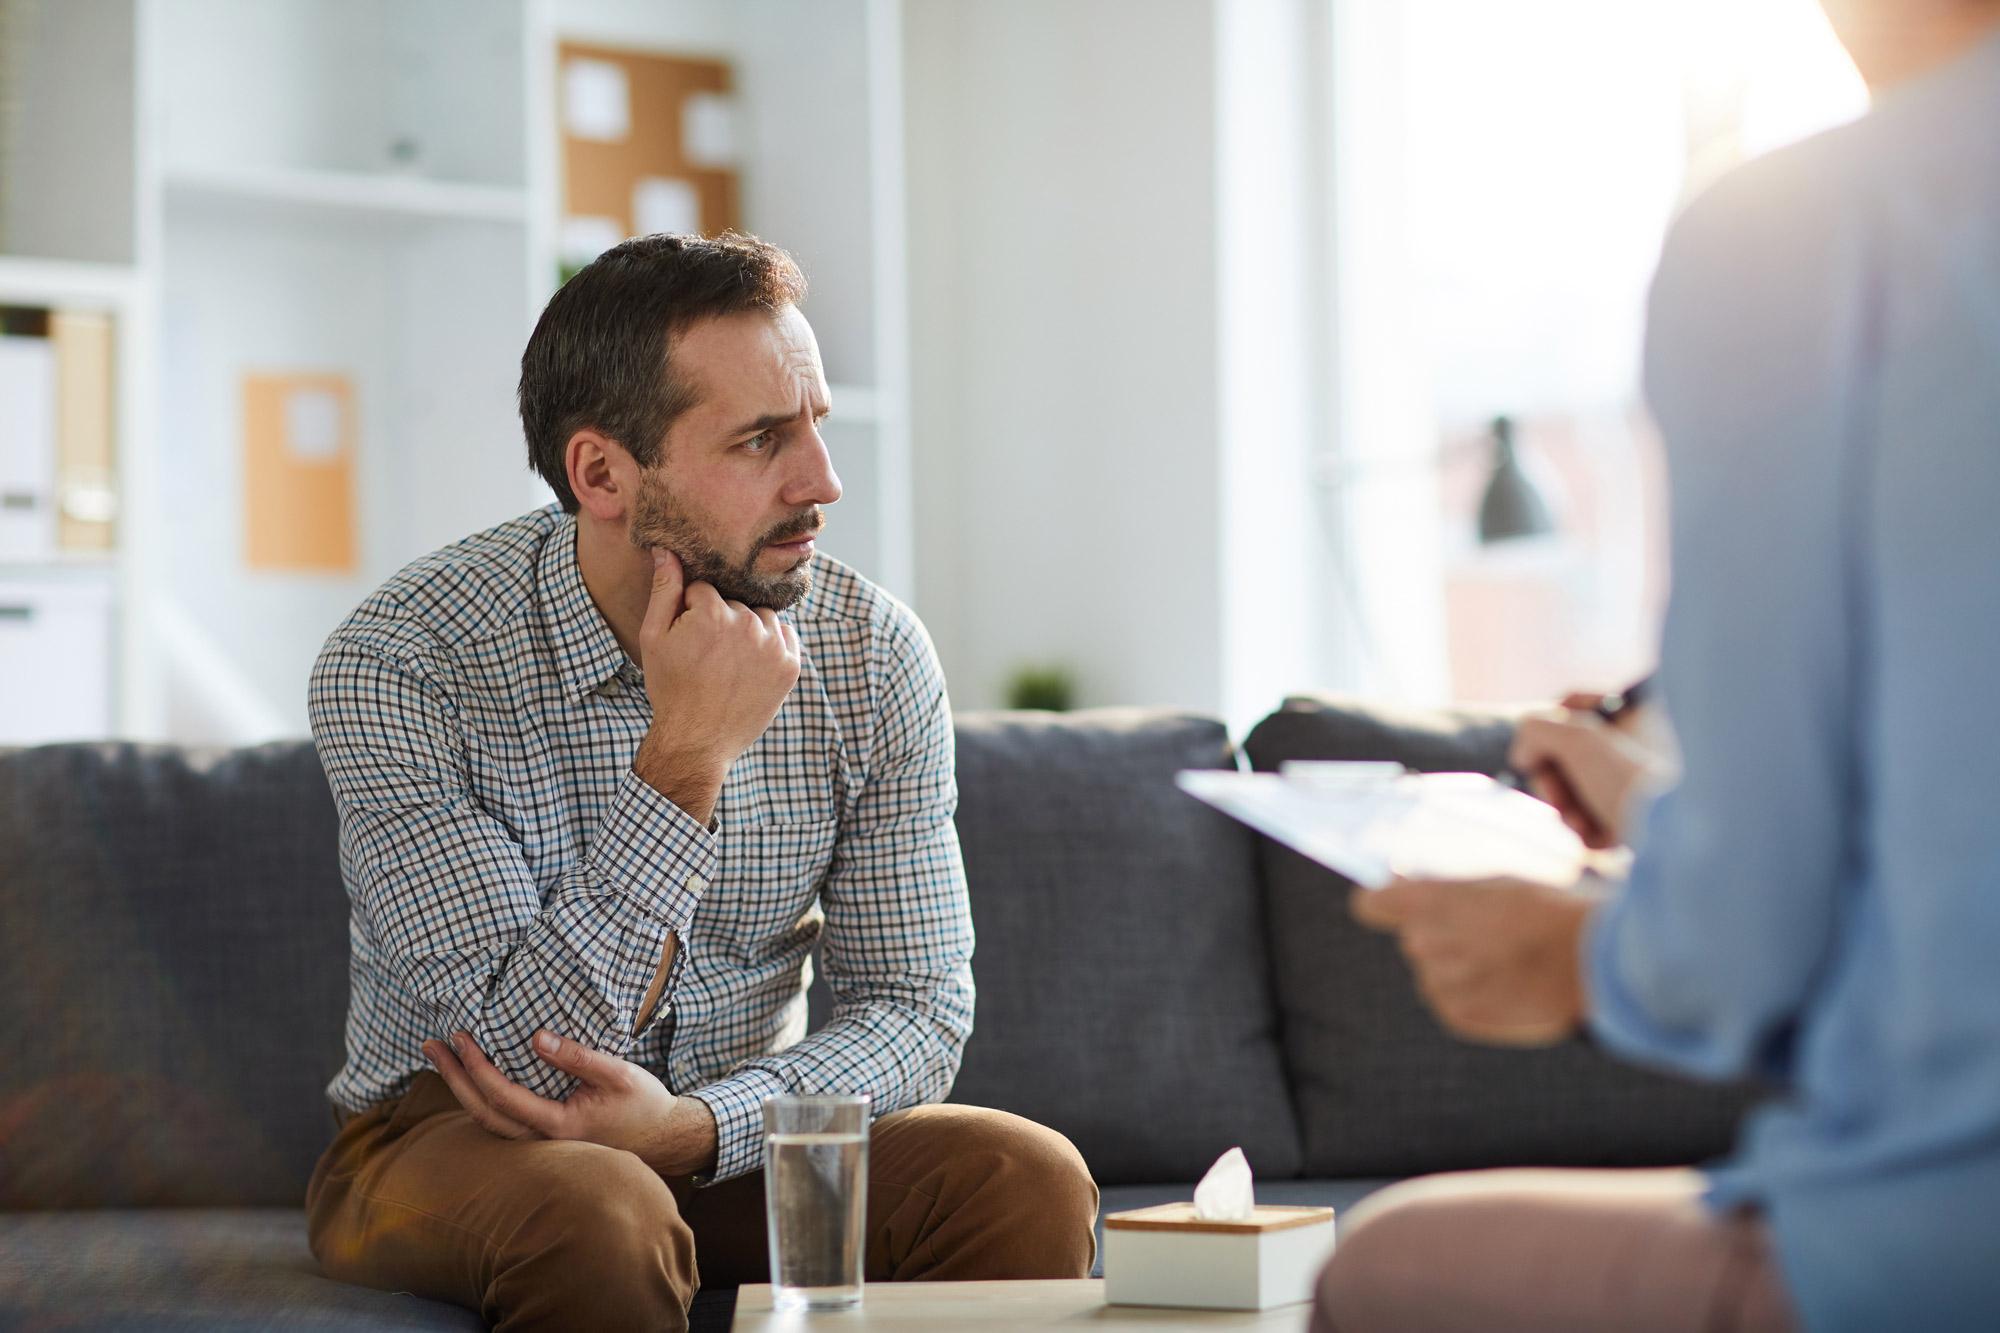 homme aidant une femme à surmonter la dépression